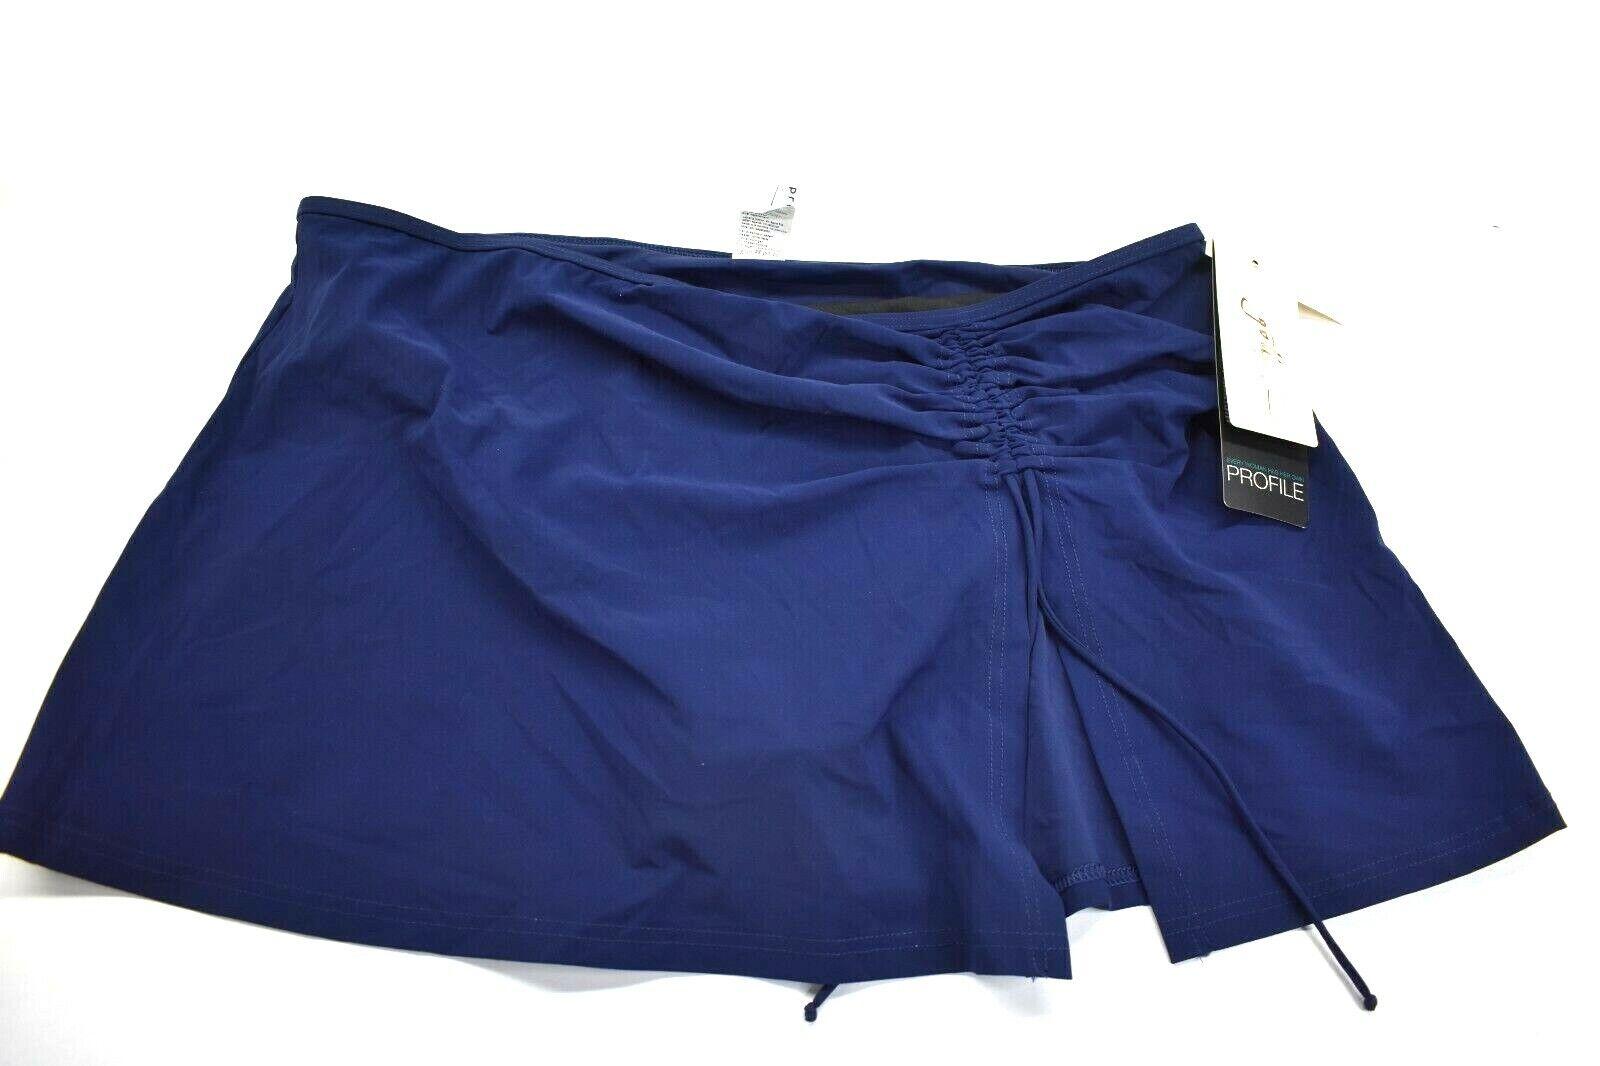 Profile By Gottex Swimwear Bottom Sz 14 Swim Skirt Mix Match Navy Retail 84.00 - $23.99